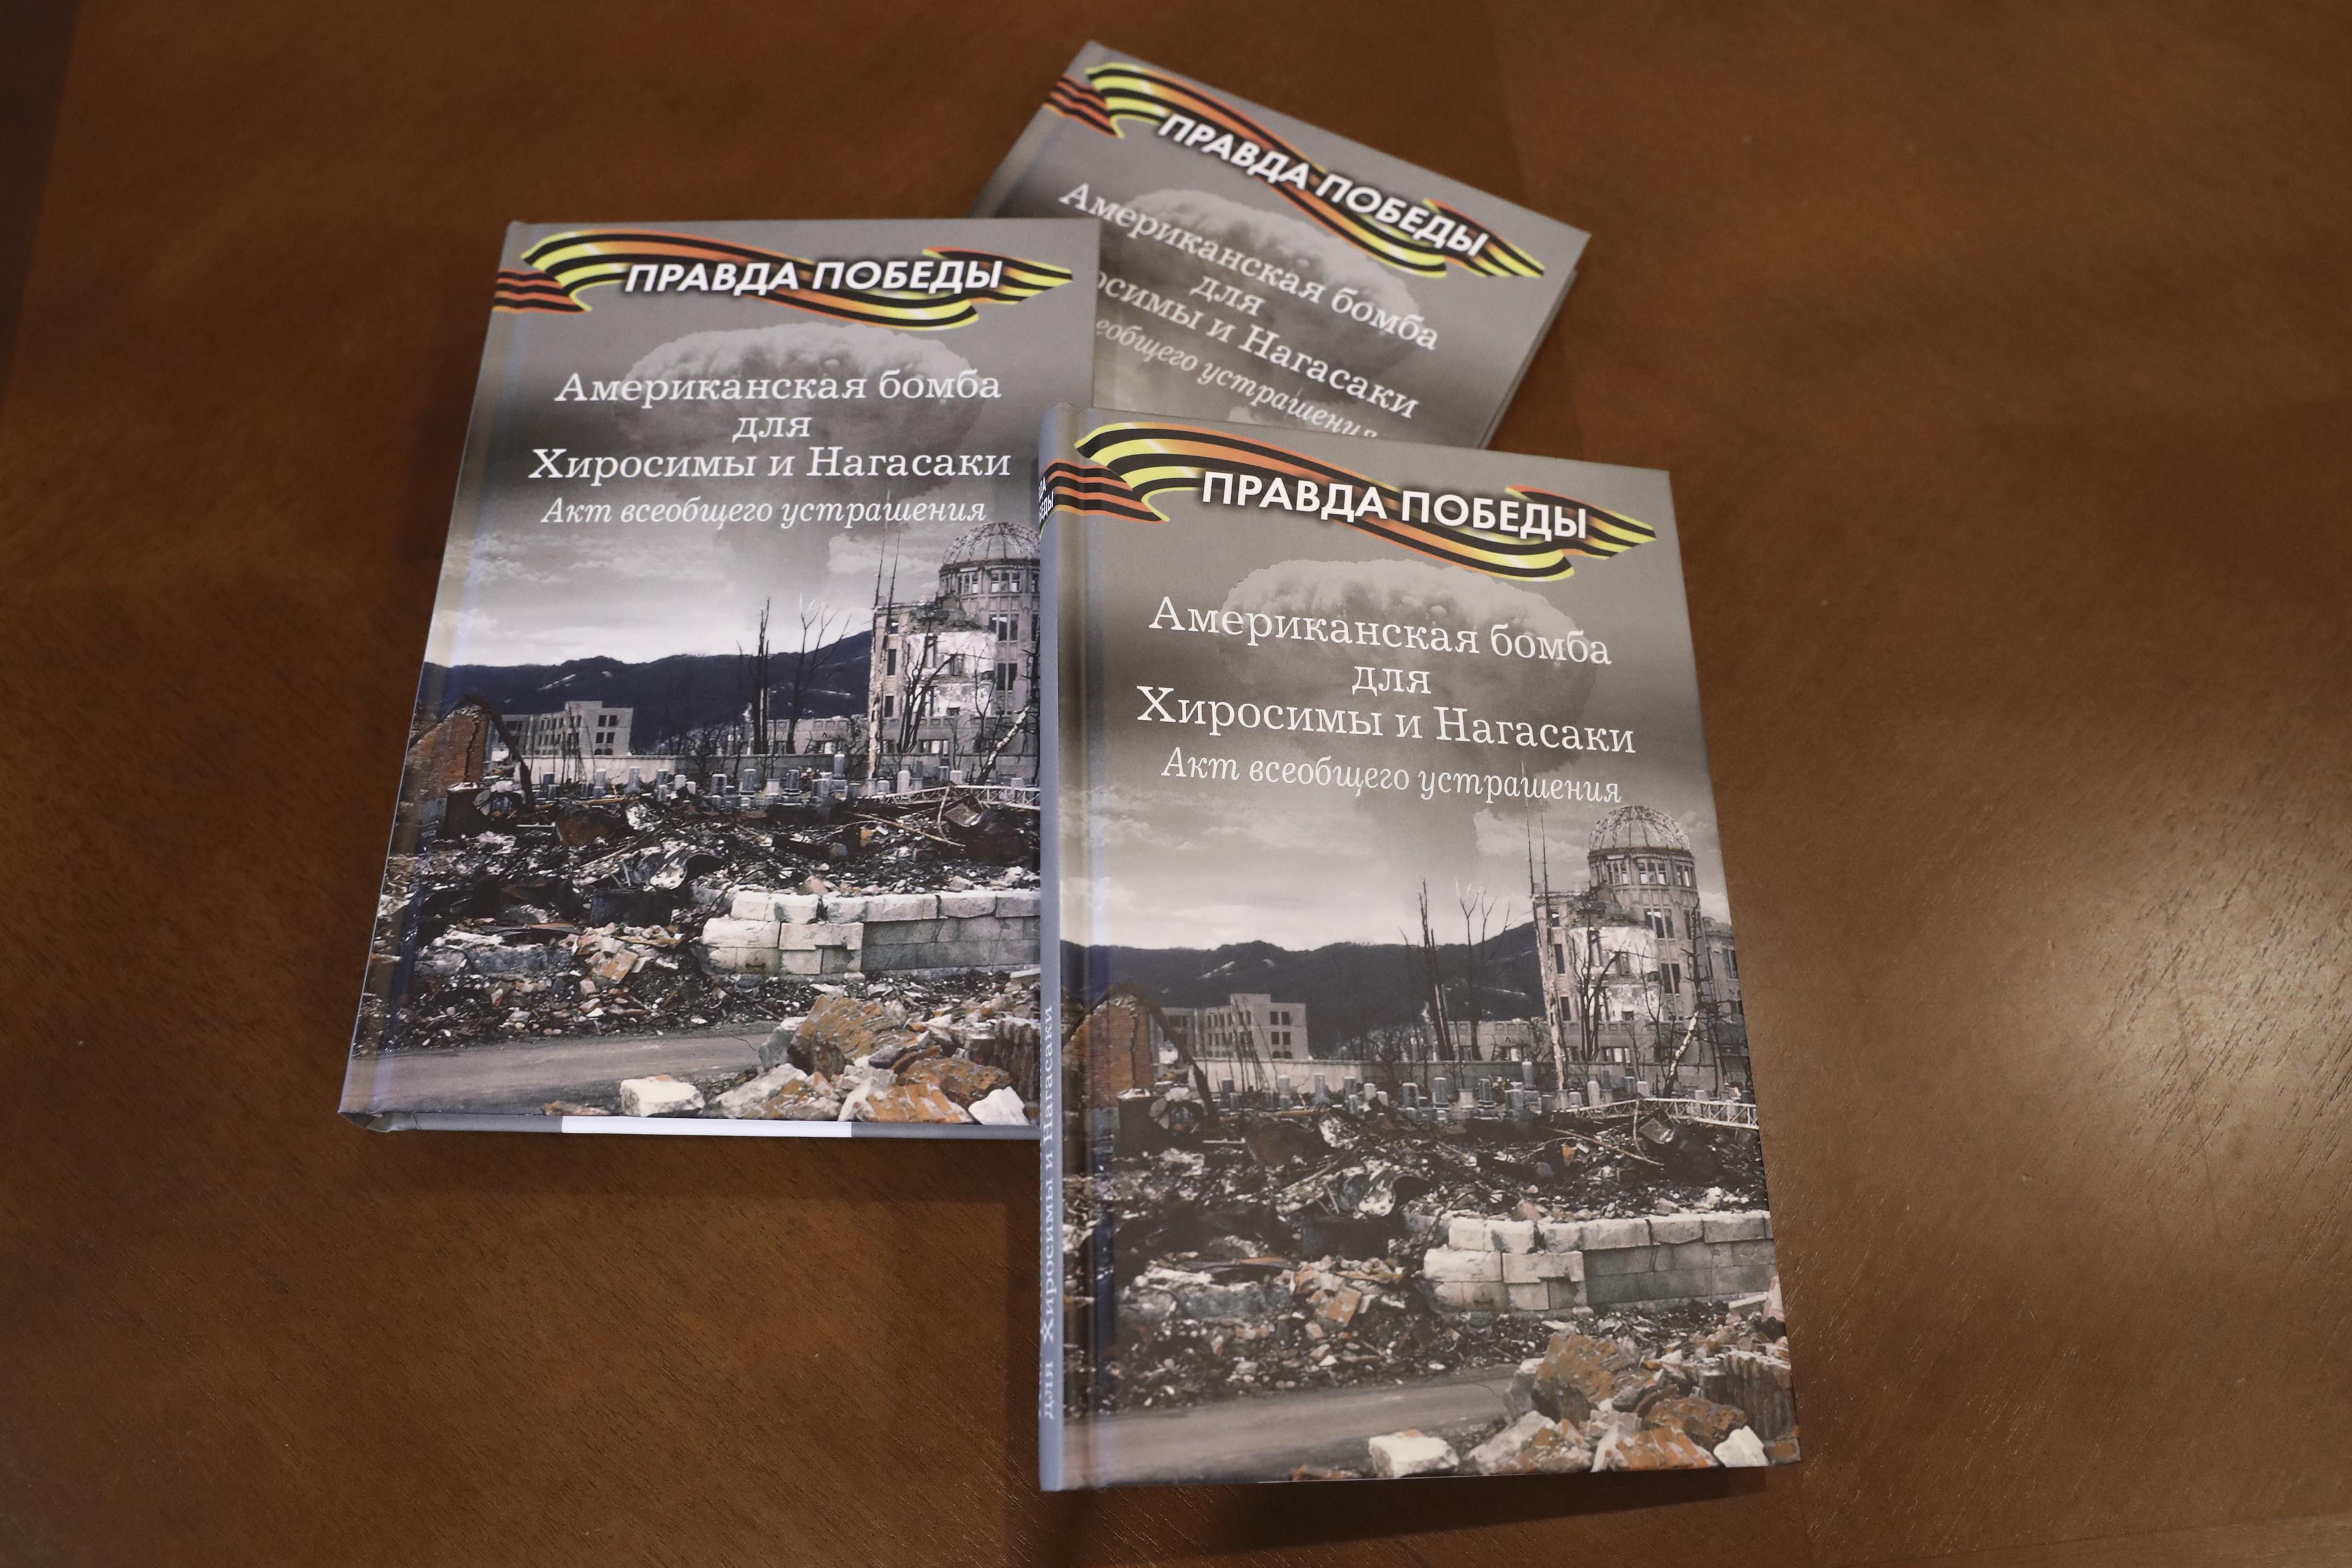 75-летие бомбардировки Хиросимы и Нагасаки: мнение историков ...